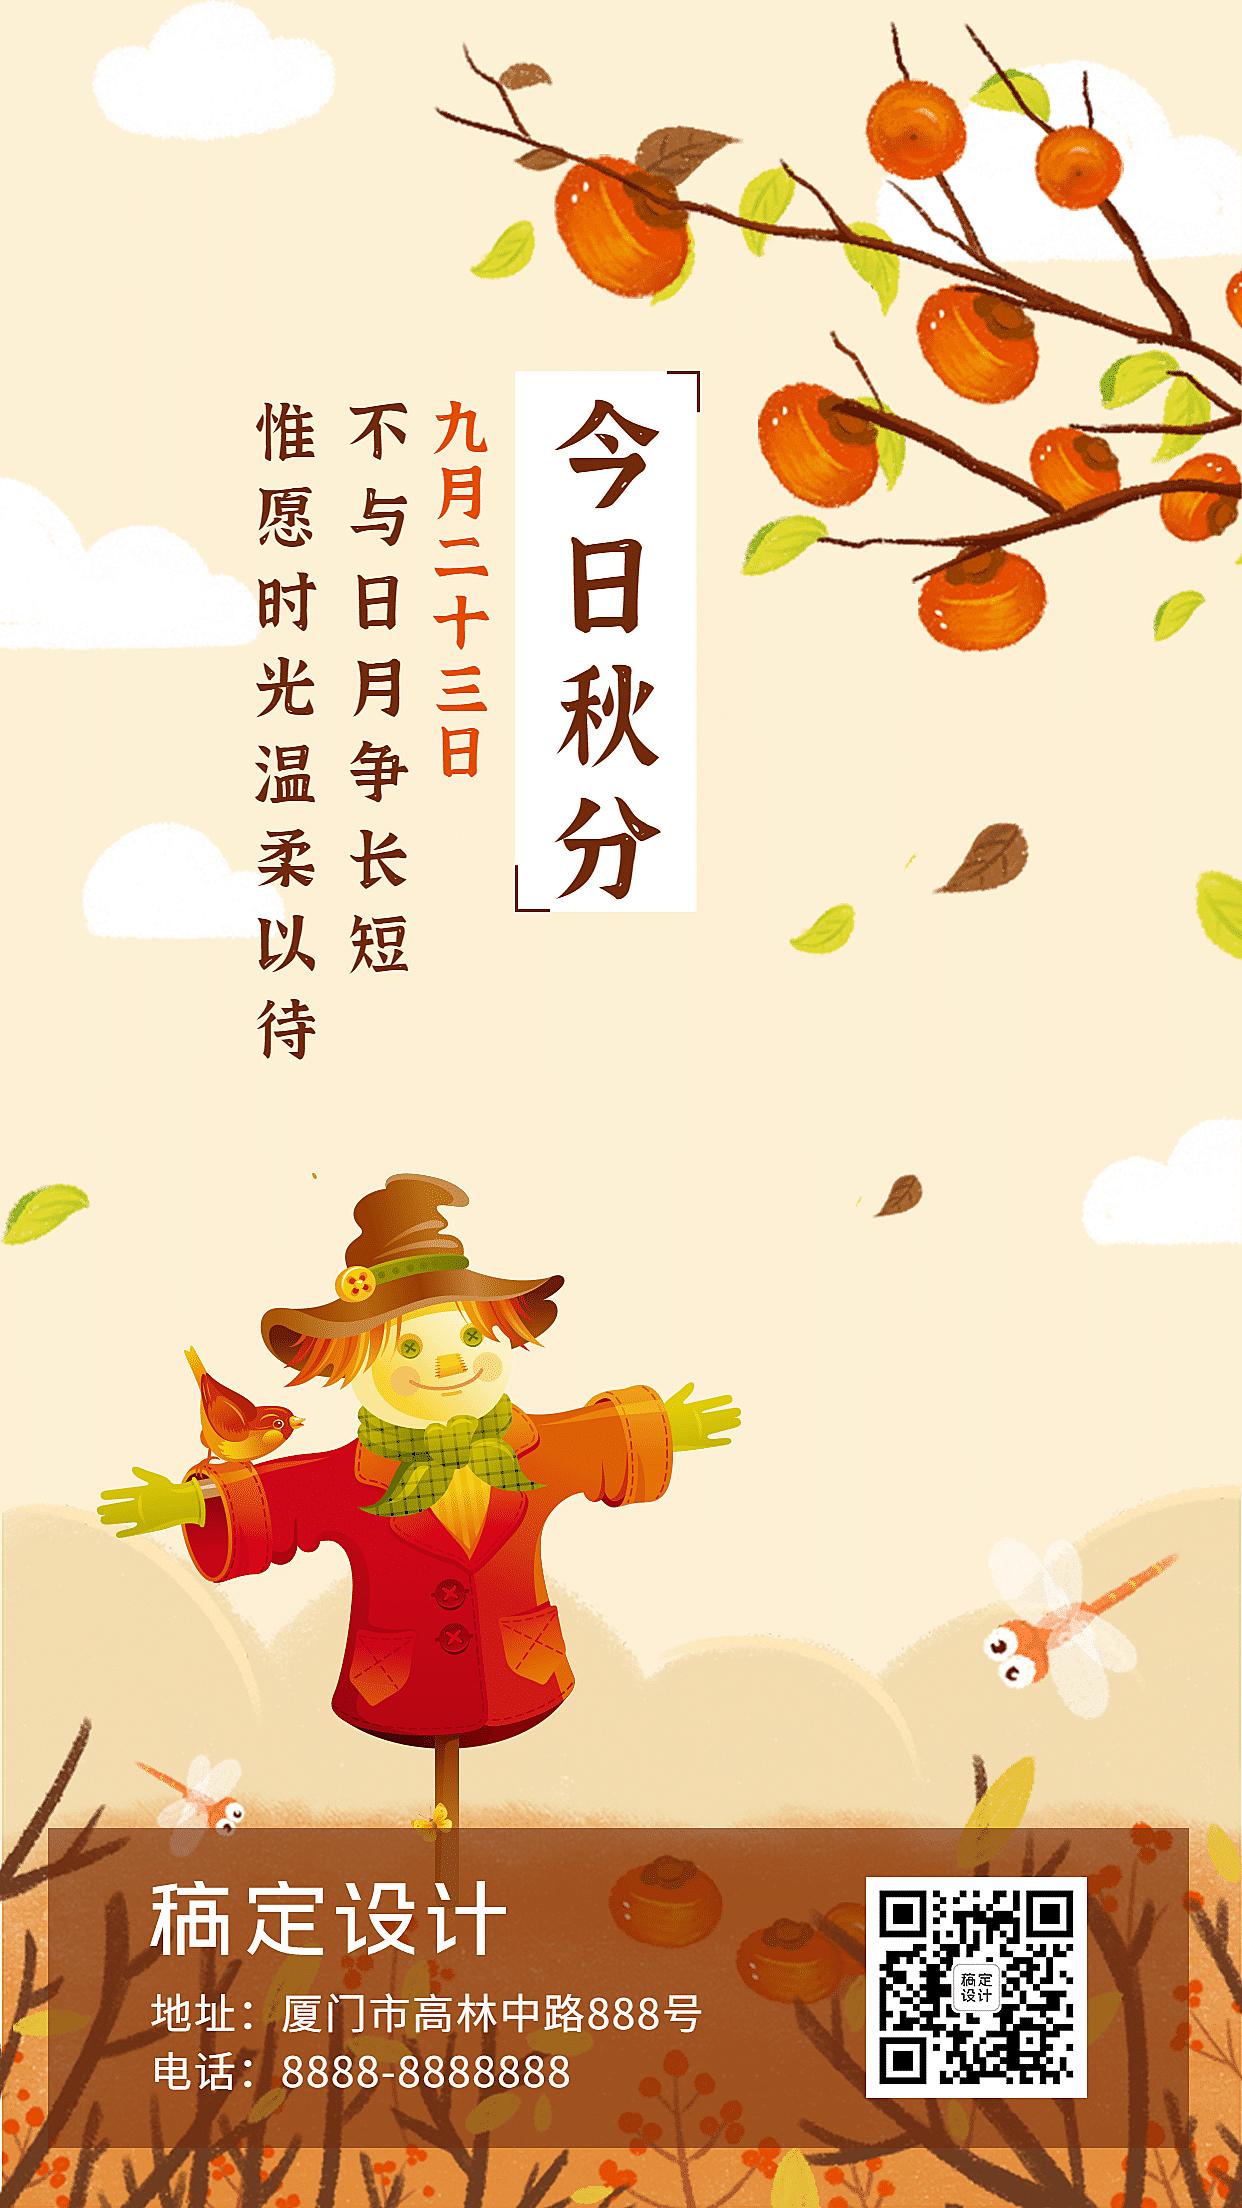 秋分节气秋天你好早安节日手机海报